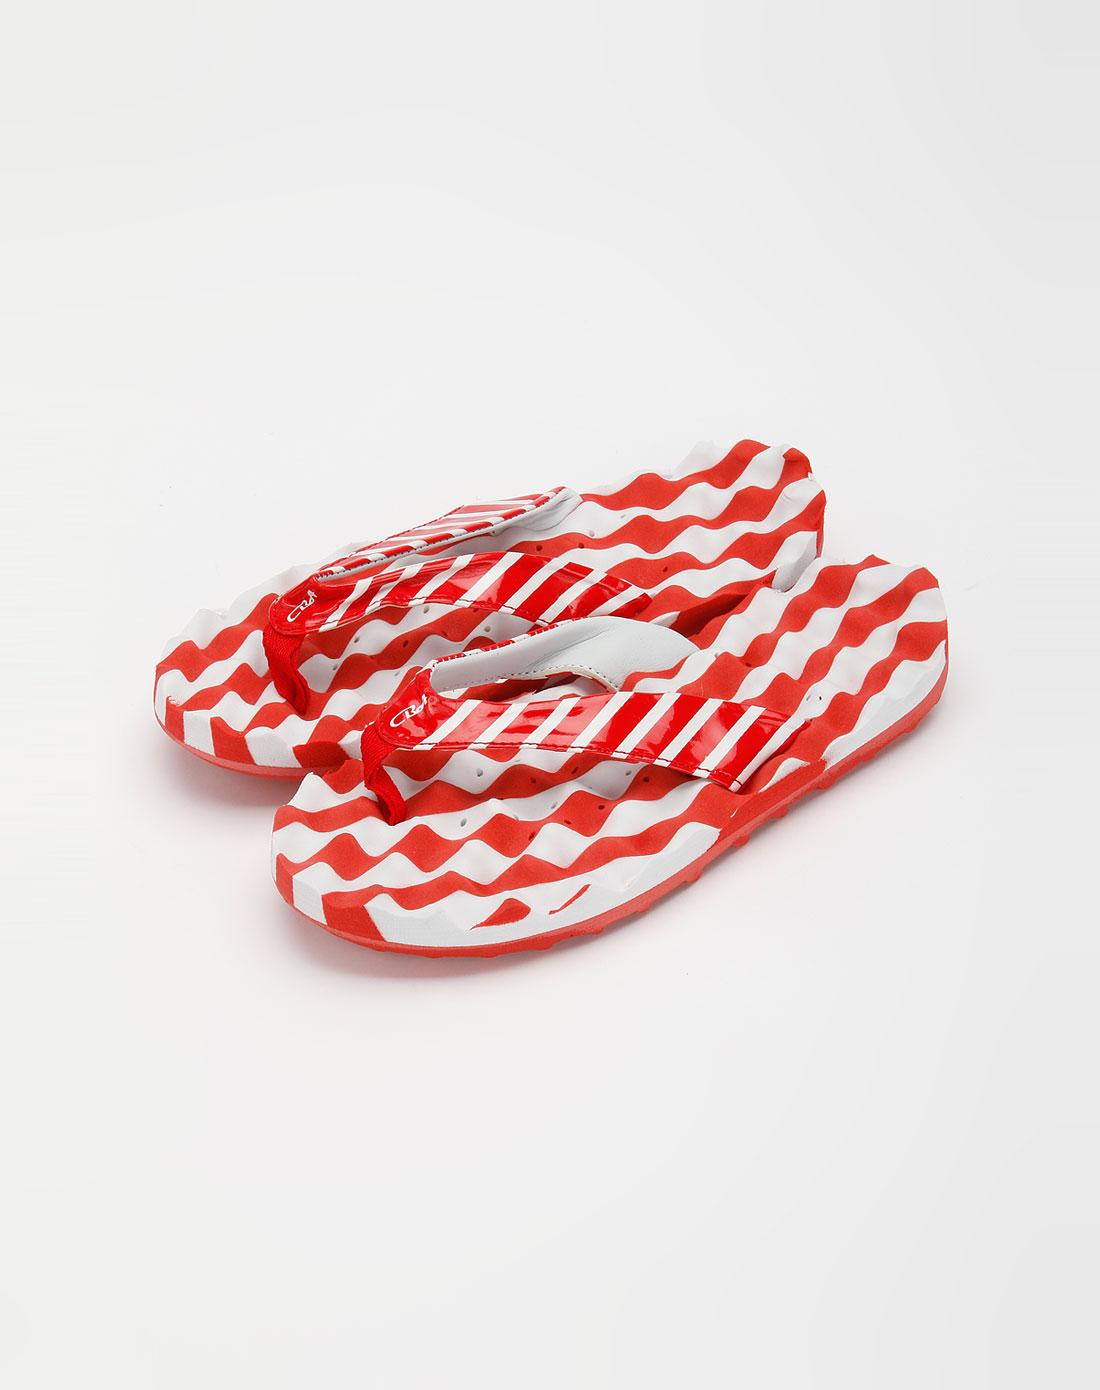 cba女款白/红色间色沙滩拖鞋